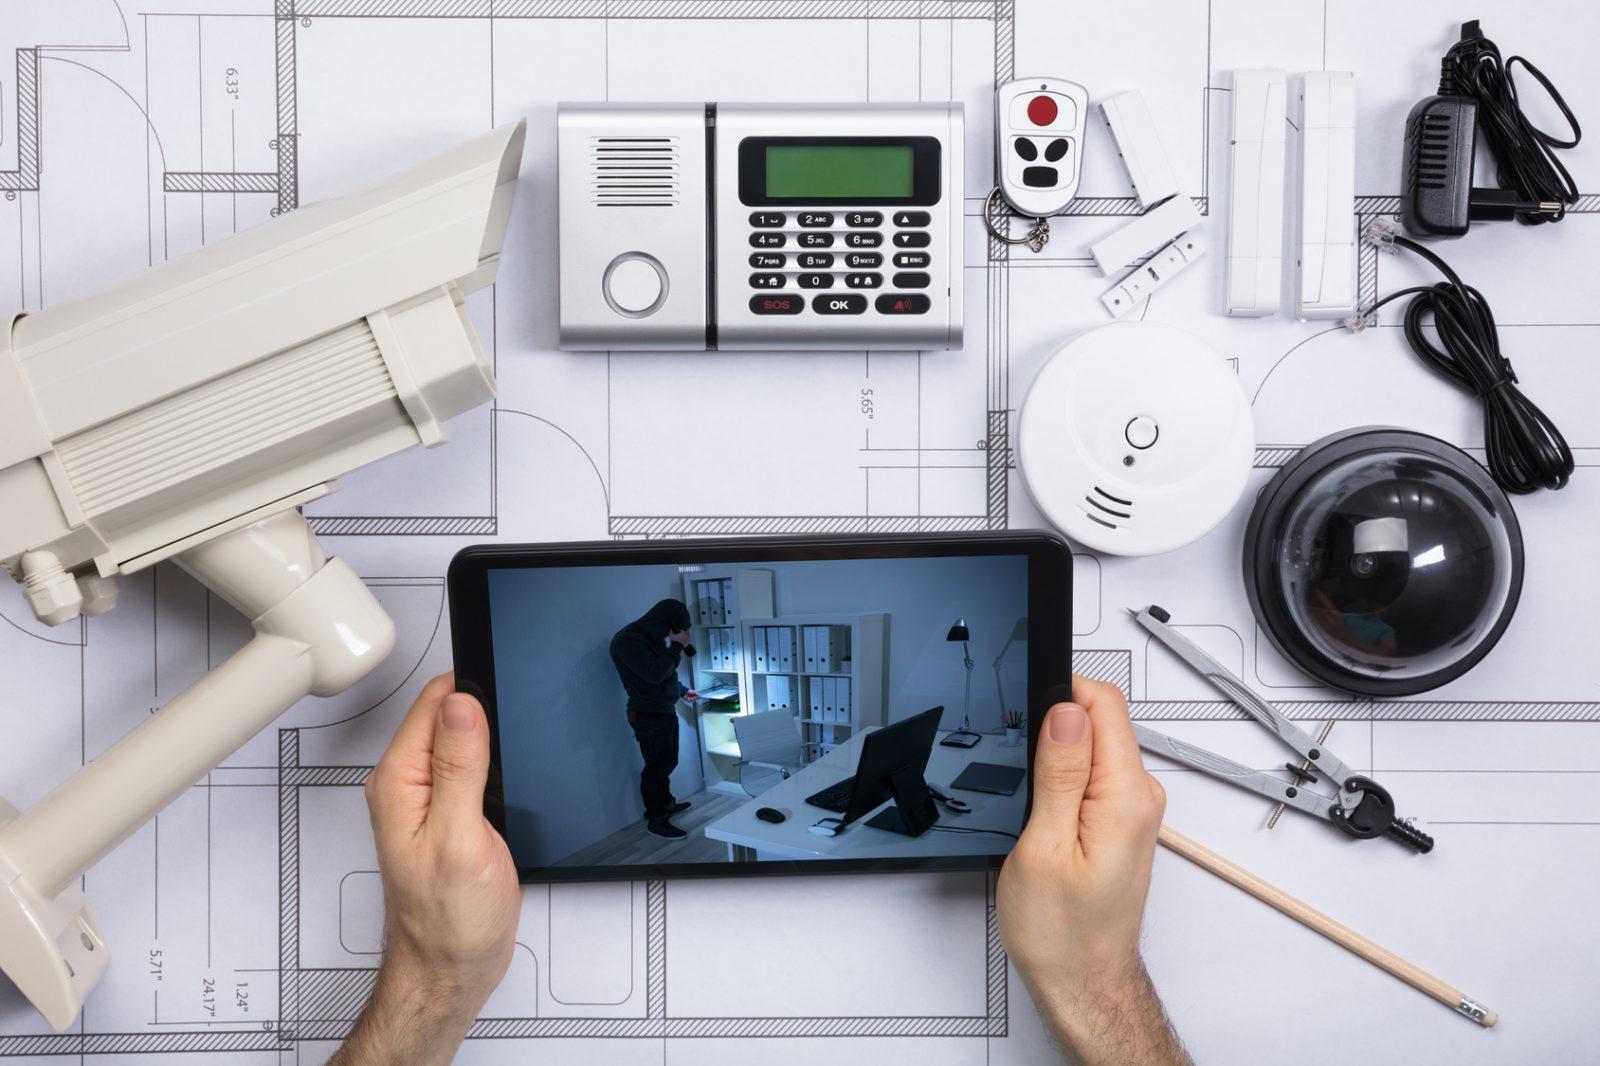 jak przeprowadzić samodzielne monitorowanie alarmów